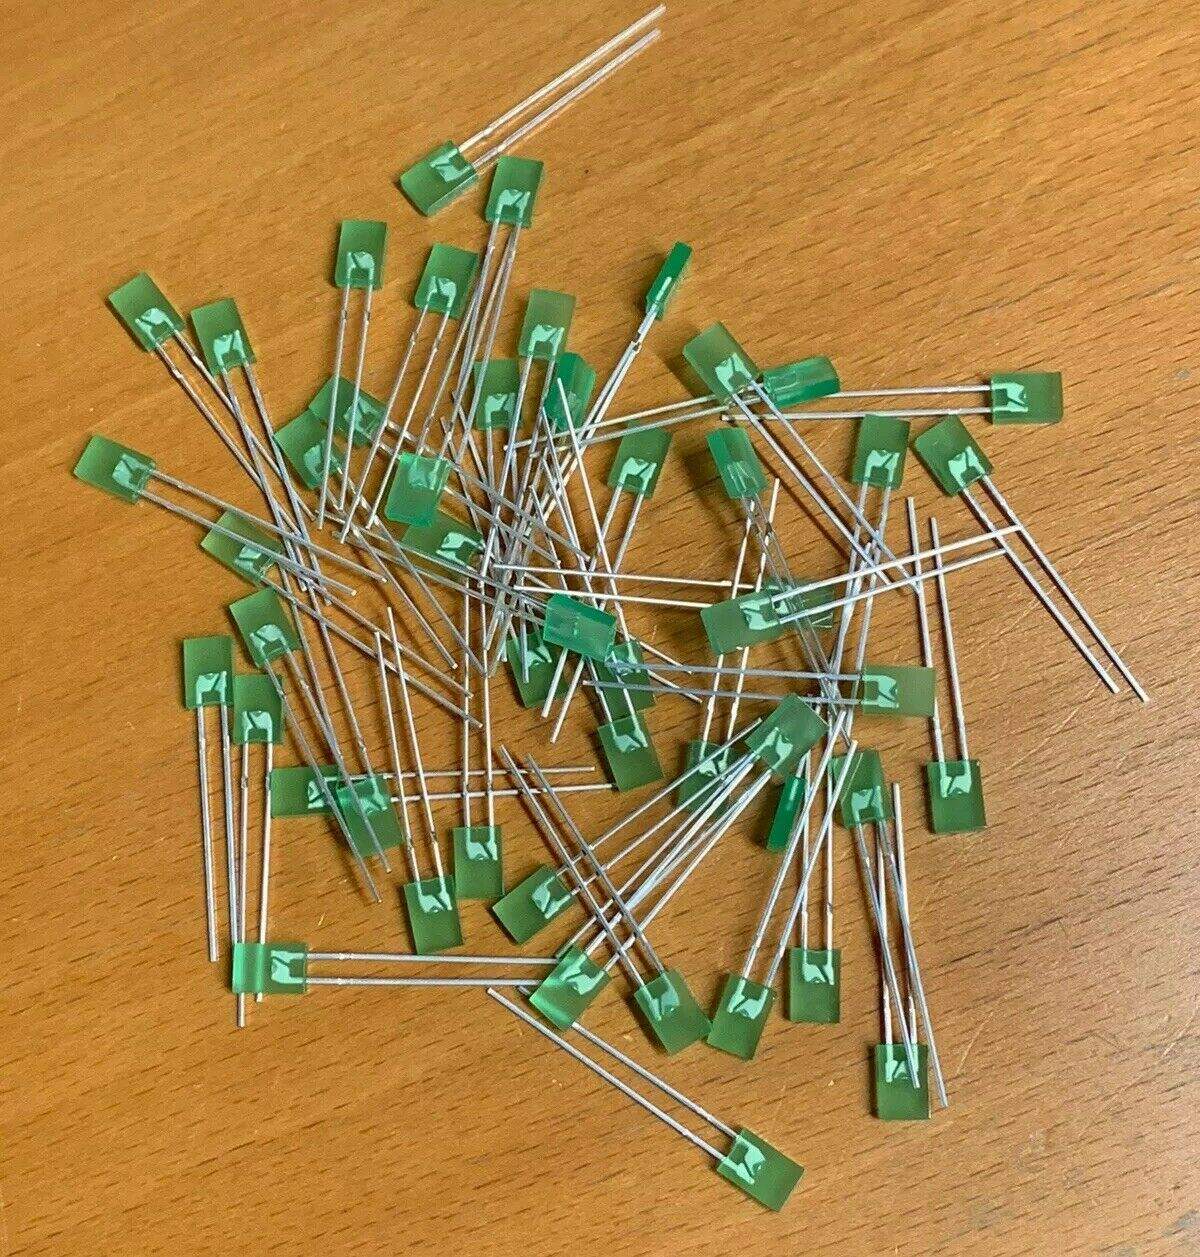 3MM 4-Pin MCDL-357EGEGW//H3032 Lot of 20 MCD Electronics Dual Mounted Green LEDs